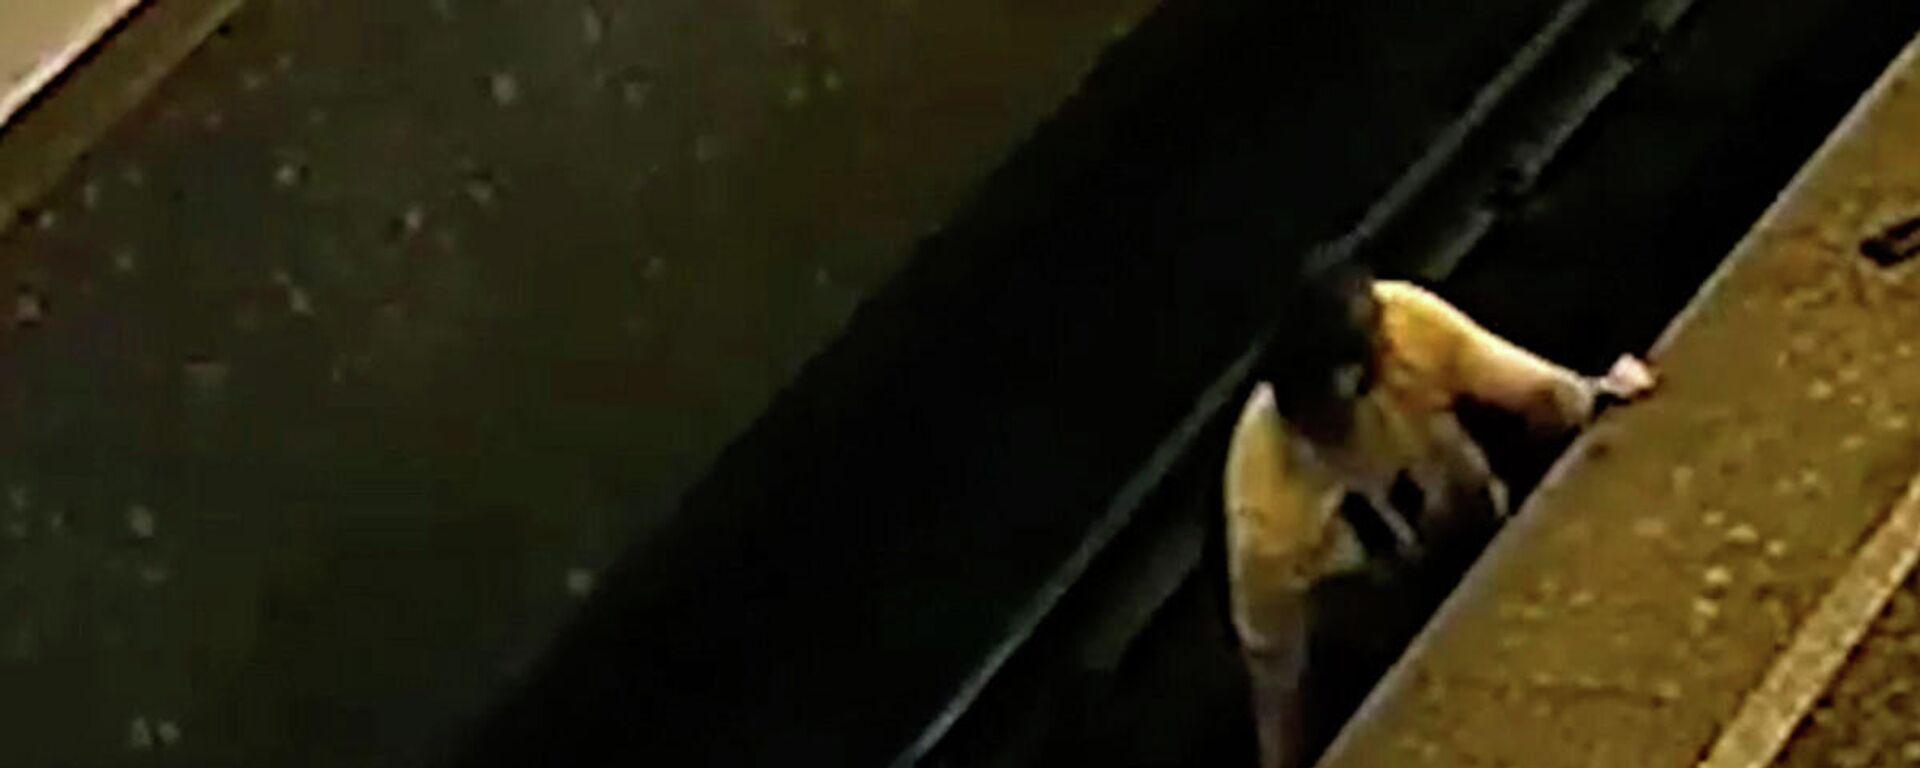 Ήρωας χωρίς κάπα στη Μόσχα: Ρίσκαρε τη ζωή του για να σώσει άνδρα που έπεσε στις ράγες του μετρό - Sputnik Ελλάδα, 1920, 30.08.2021